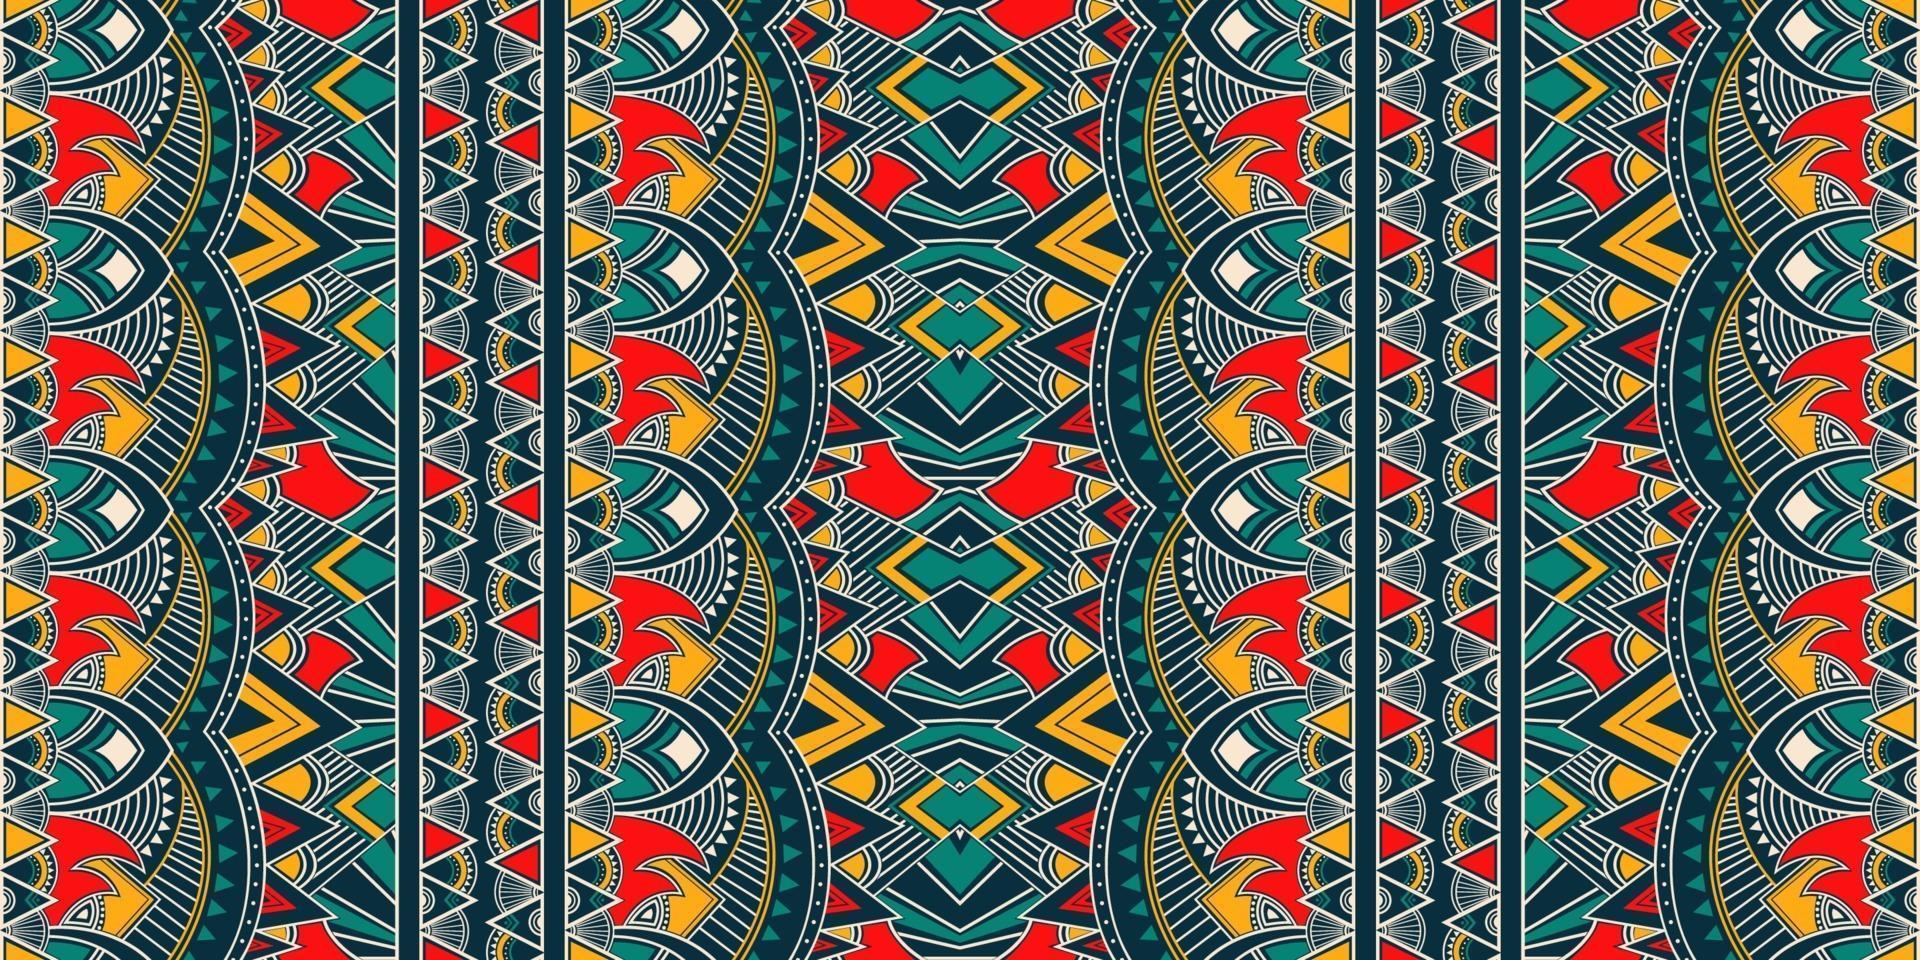 ikat geometrisk folkloreprydnad. stam etnisk vektor konsistens. sömlöst randigt mönster i aztec stil. figur stam broderi. indiskt, skandinaviskt, zigenare, mexikanskt, folkmönster.